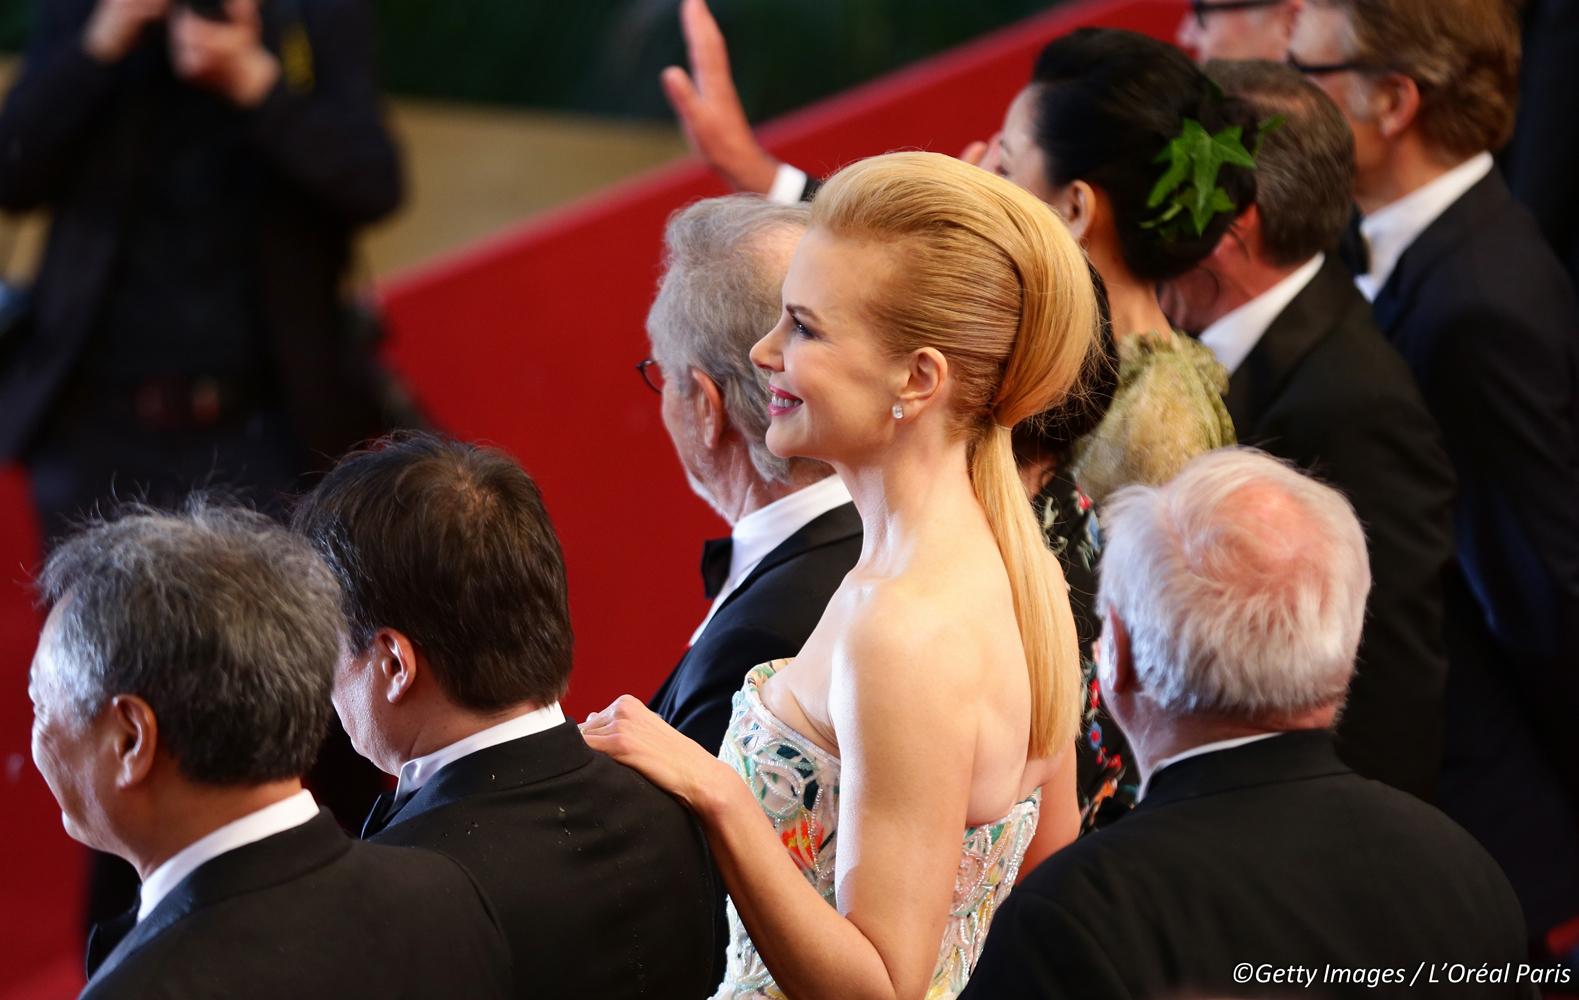 Nicole Kidman - Getty Images / L'Oréal Paris